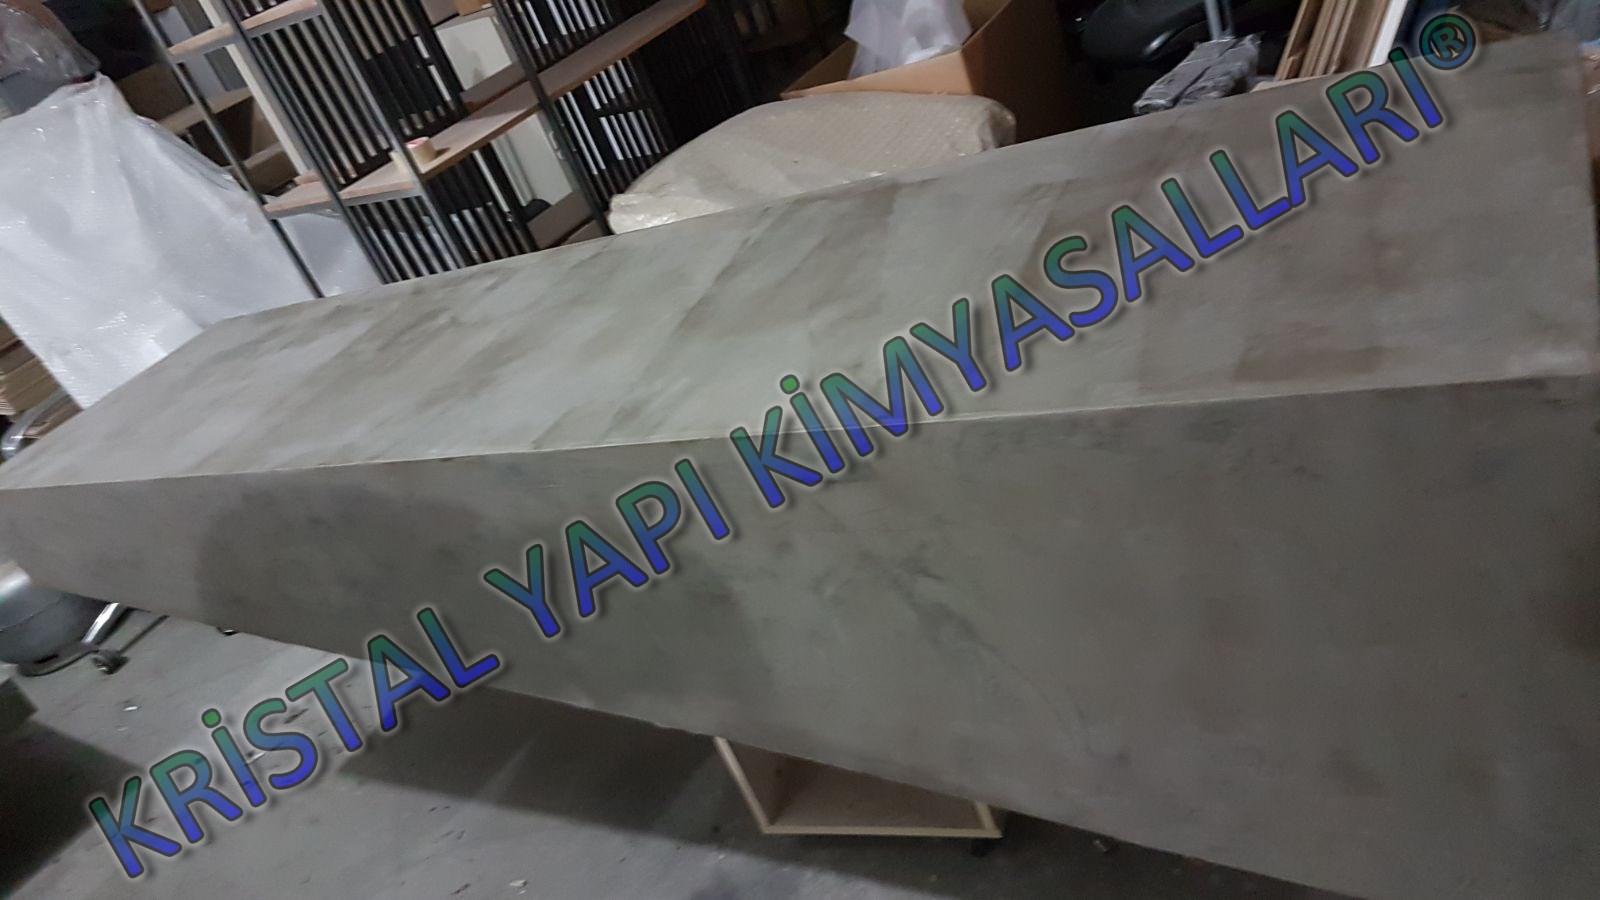 dekoratif+masa+kaplama+uygulaması, beton+görünümlü+masa+kaplama+uygulaması, kristalwall+bton+görünümlü+masa+kaplama+fiyatları